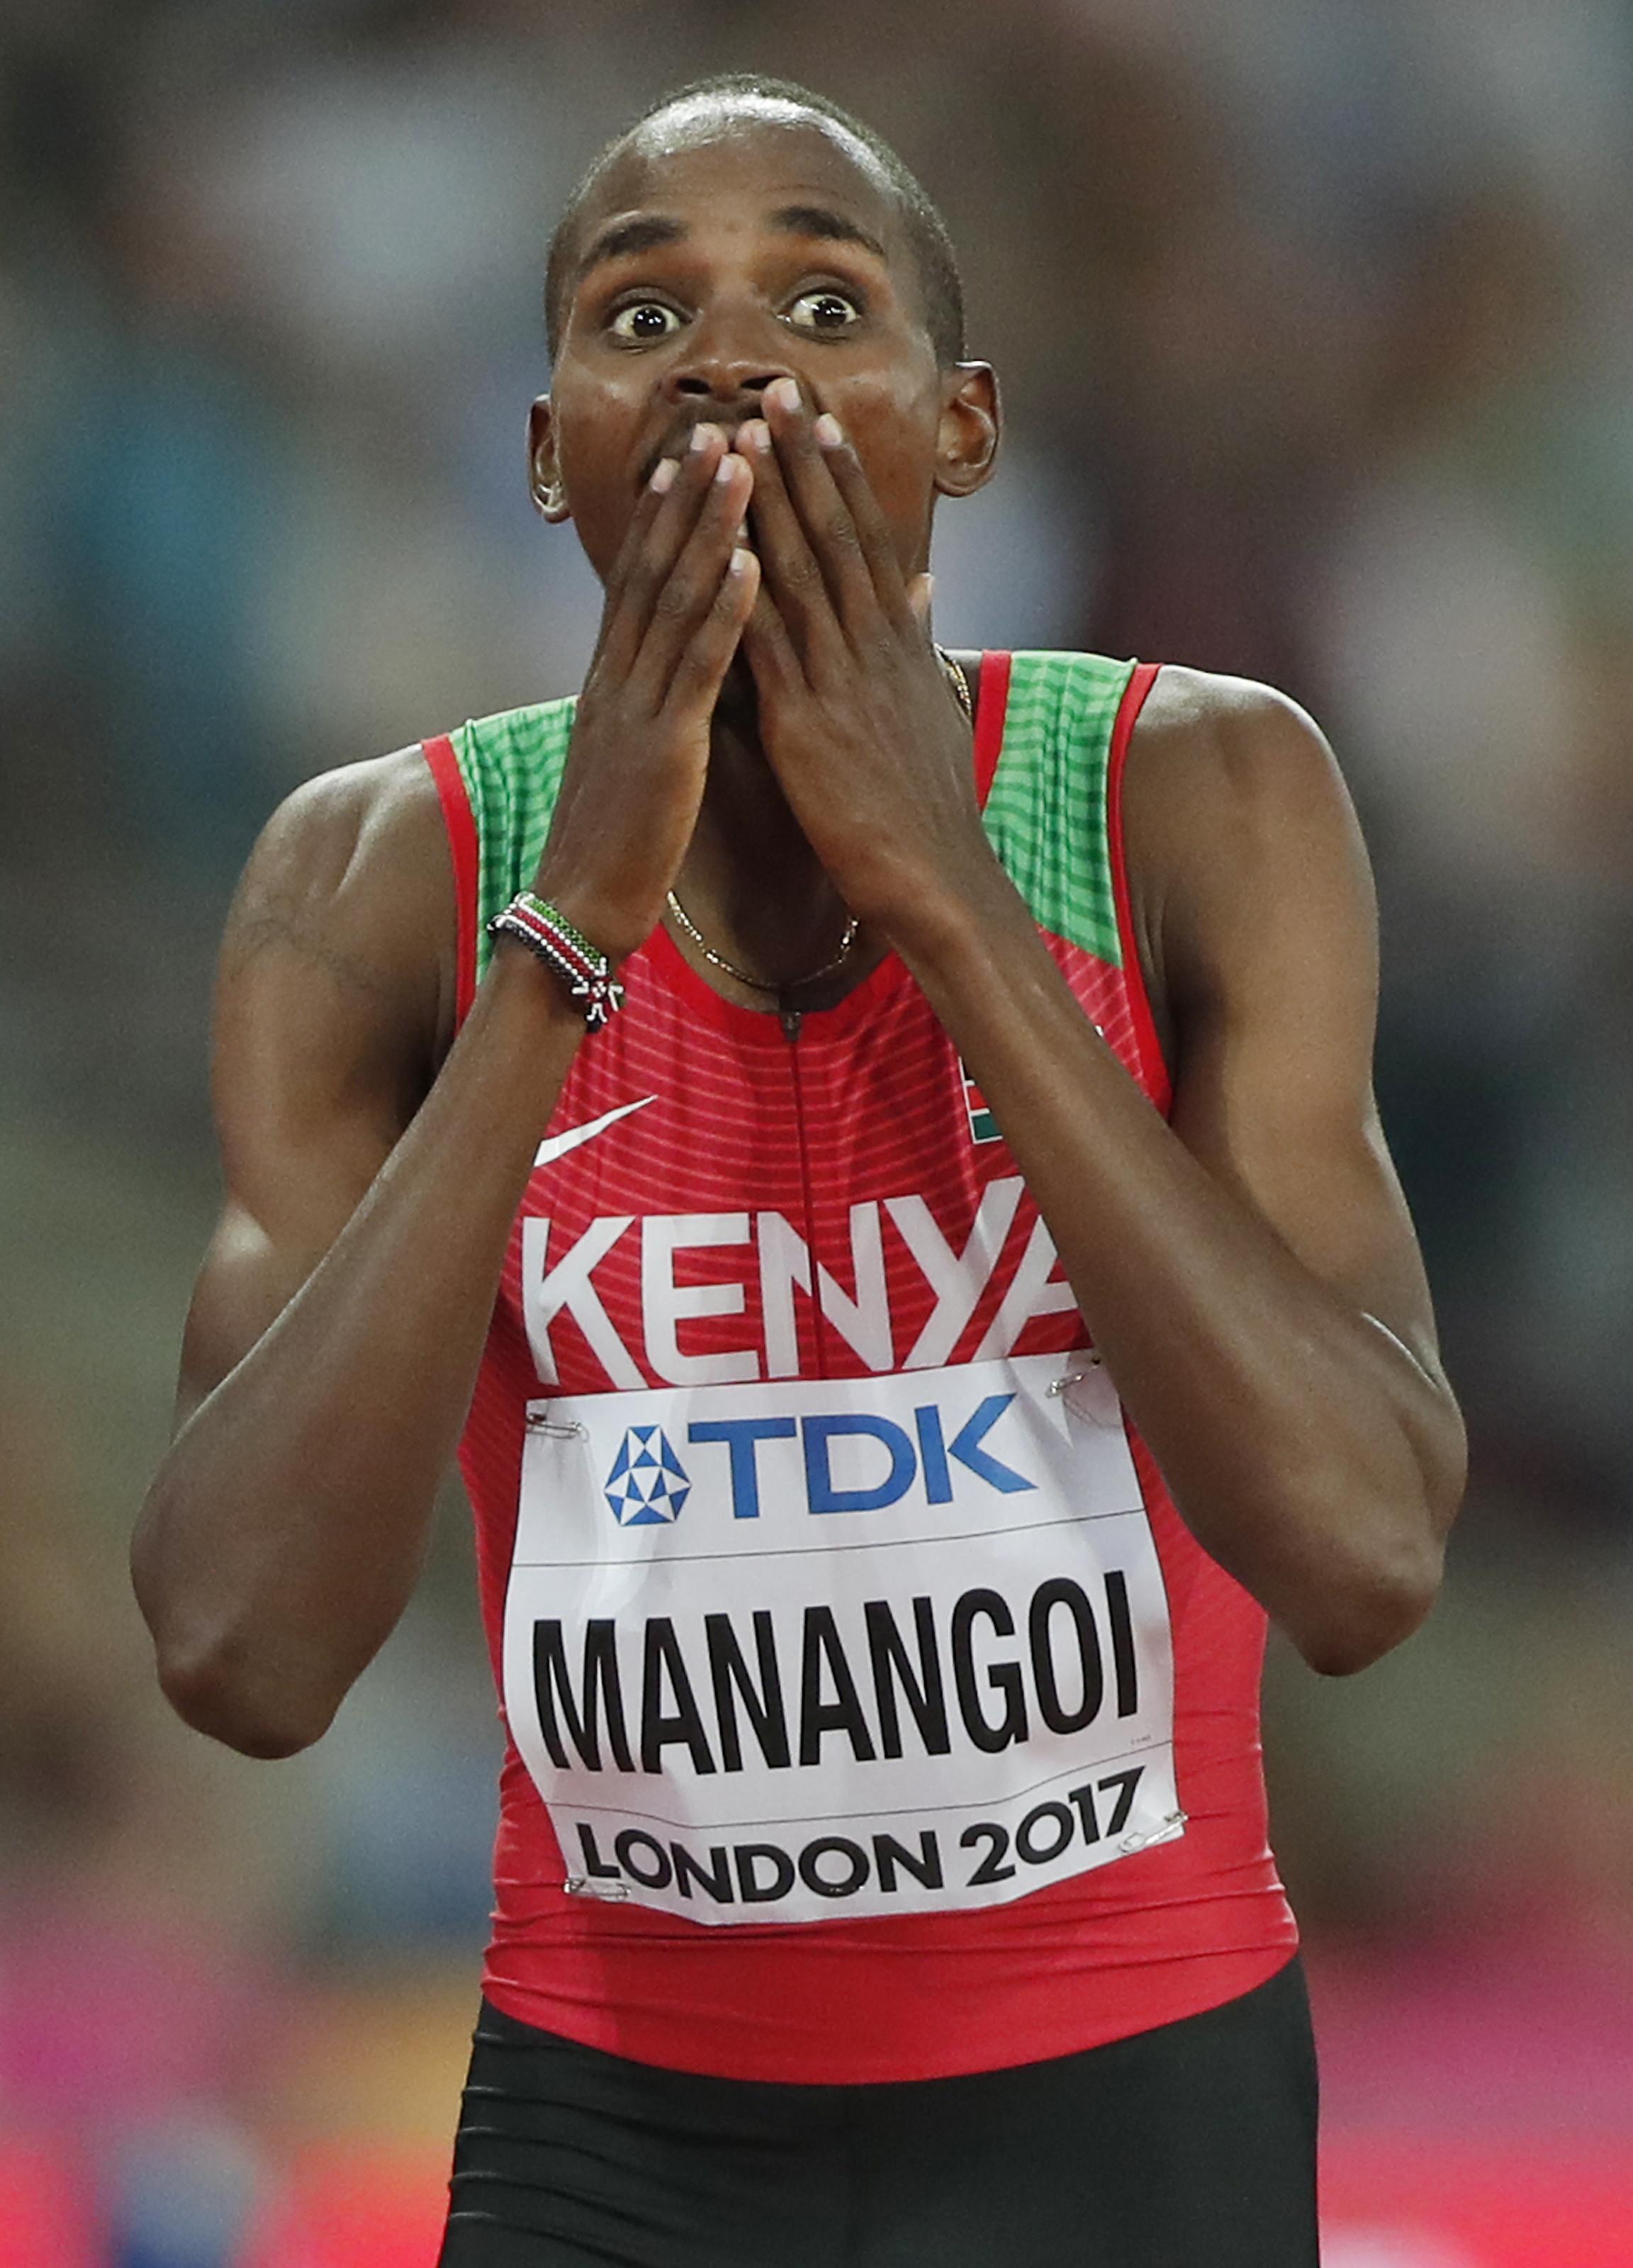 Atleta americană Allyson Felix, campioană la 4x400 m, a câștigat a 16-a sa medalie mondială